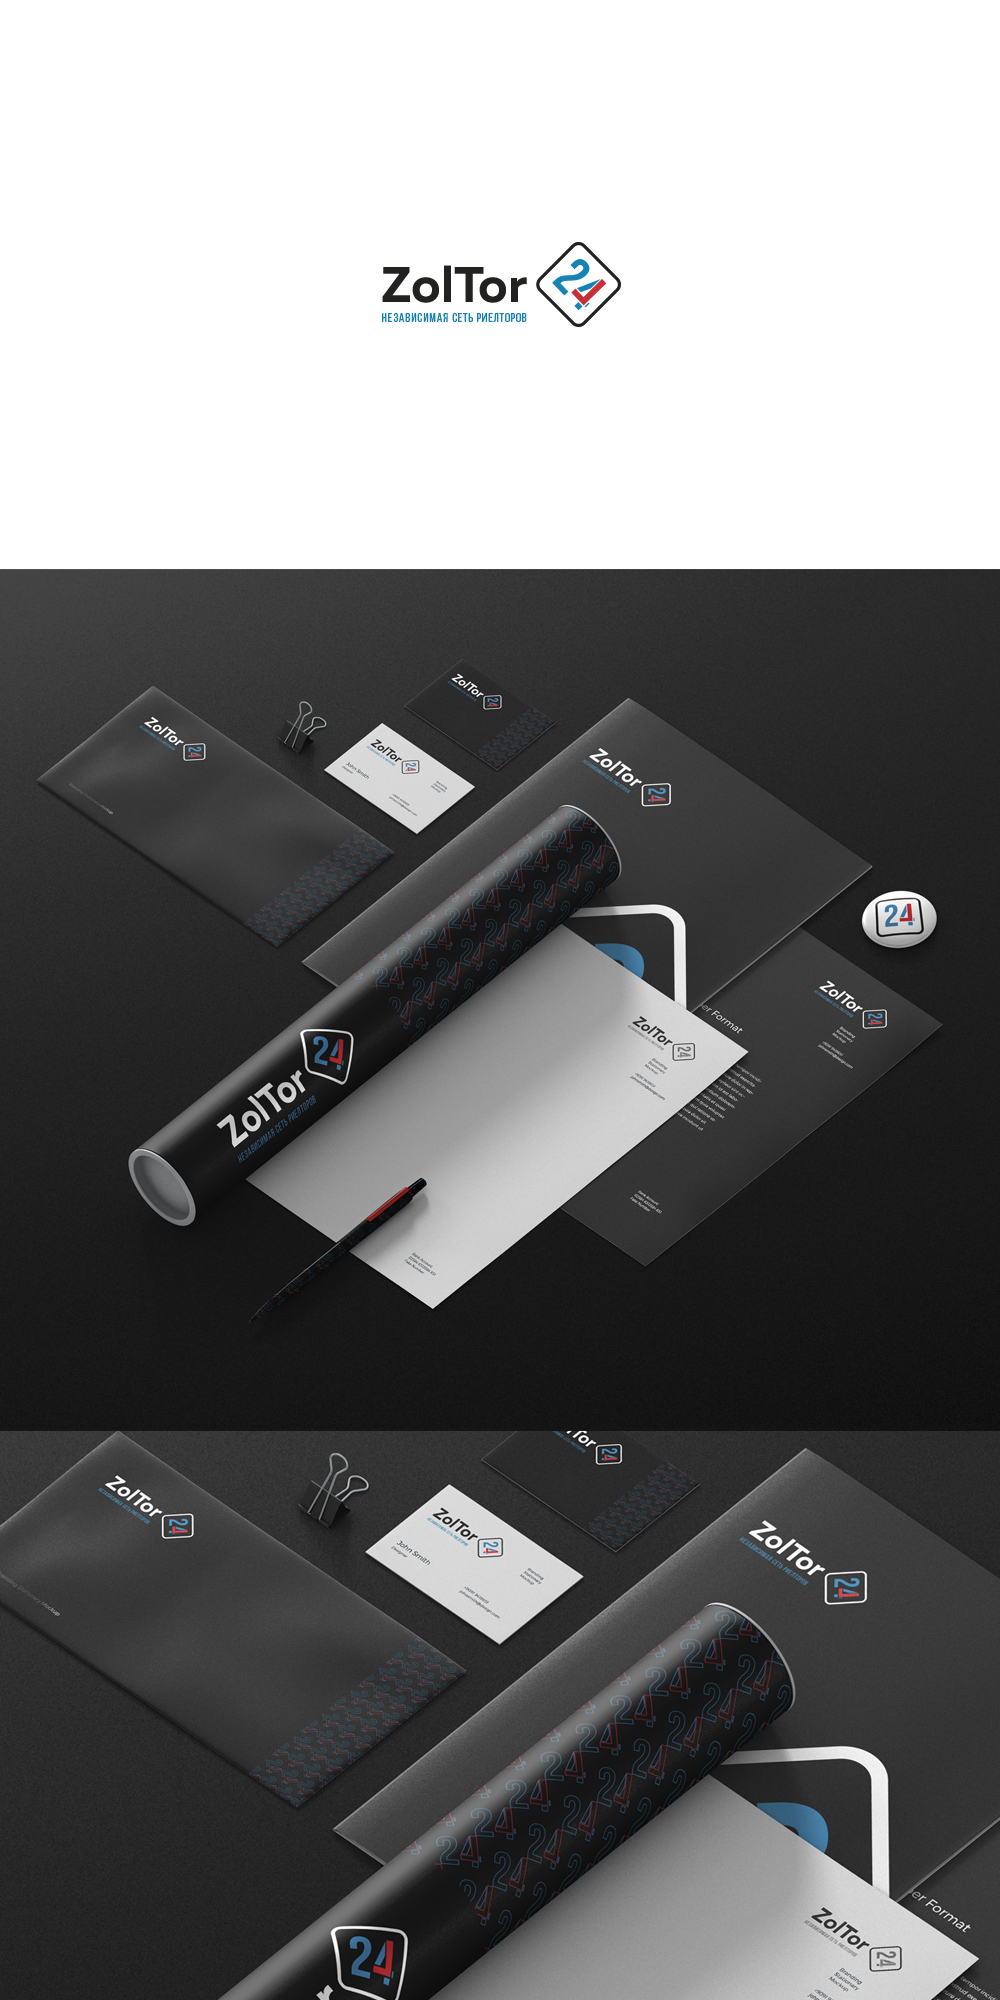 Логотип и фирменный стиль ZolTor24 фото f_5445c8f7af7e4f02.jpg